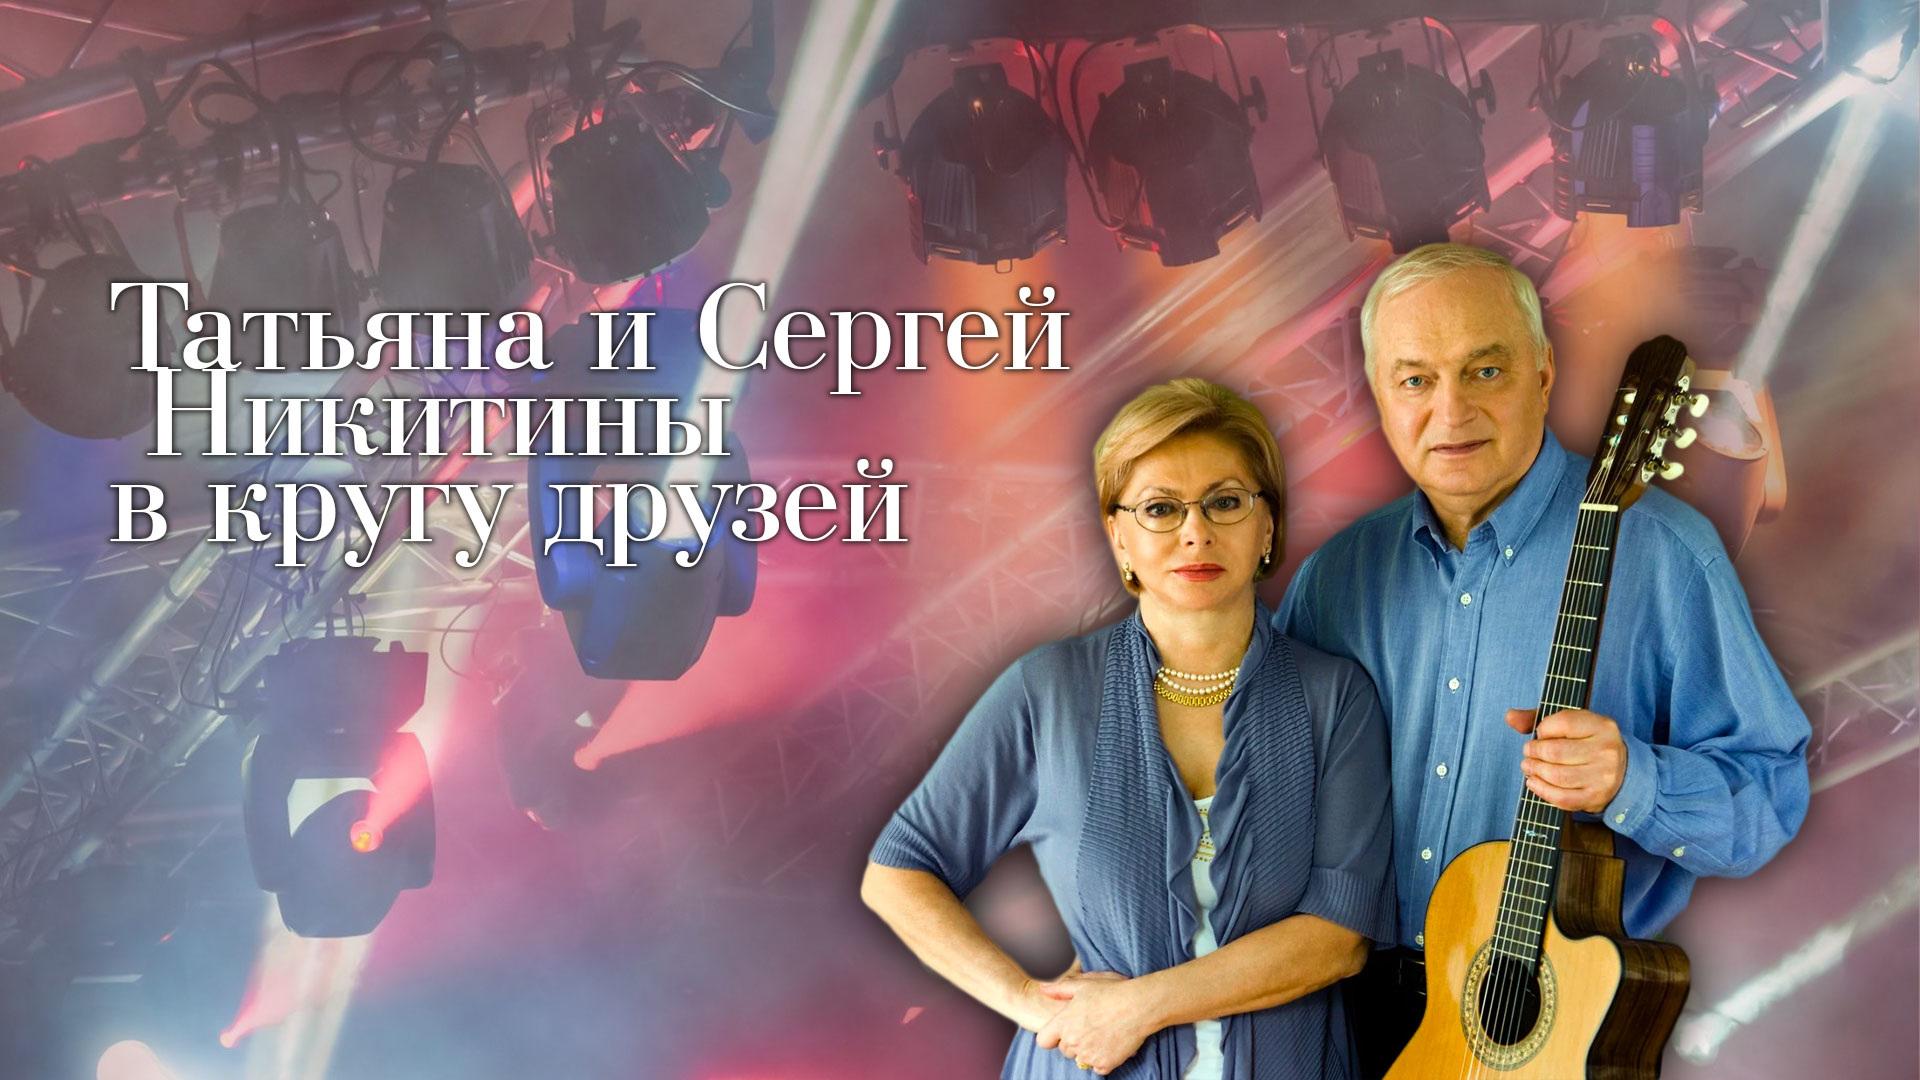 Татьяна и Сергей Никитины в кругу друзей